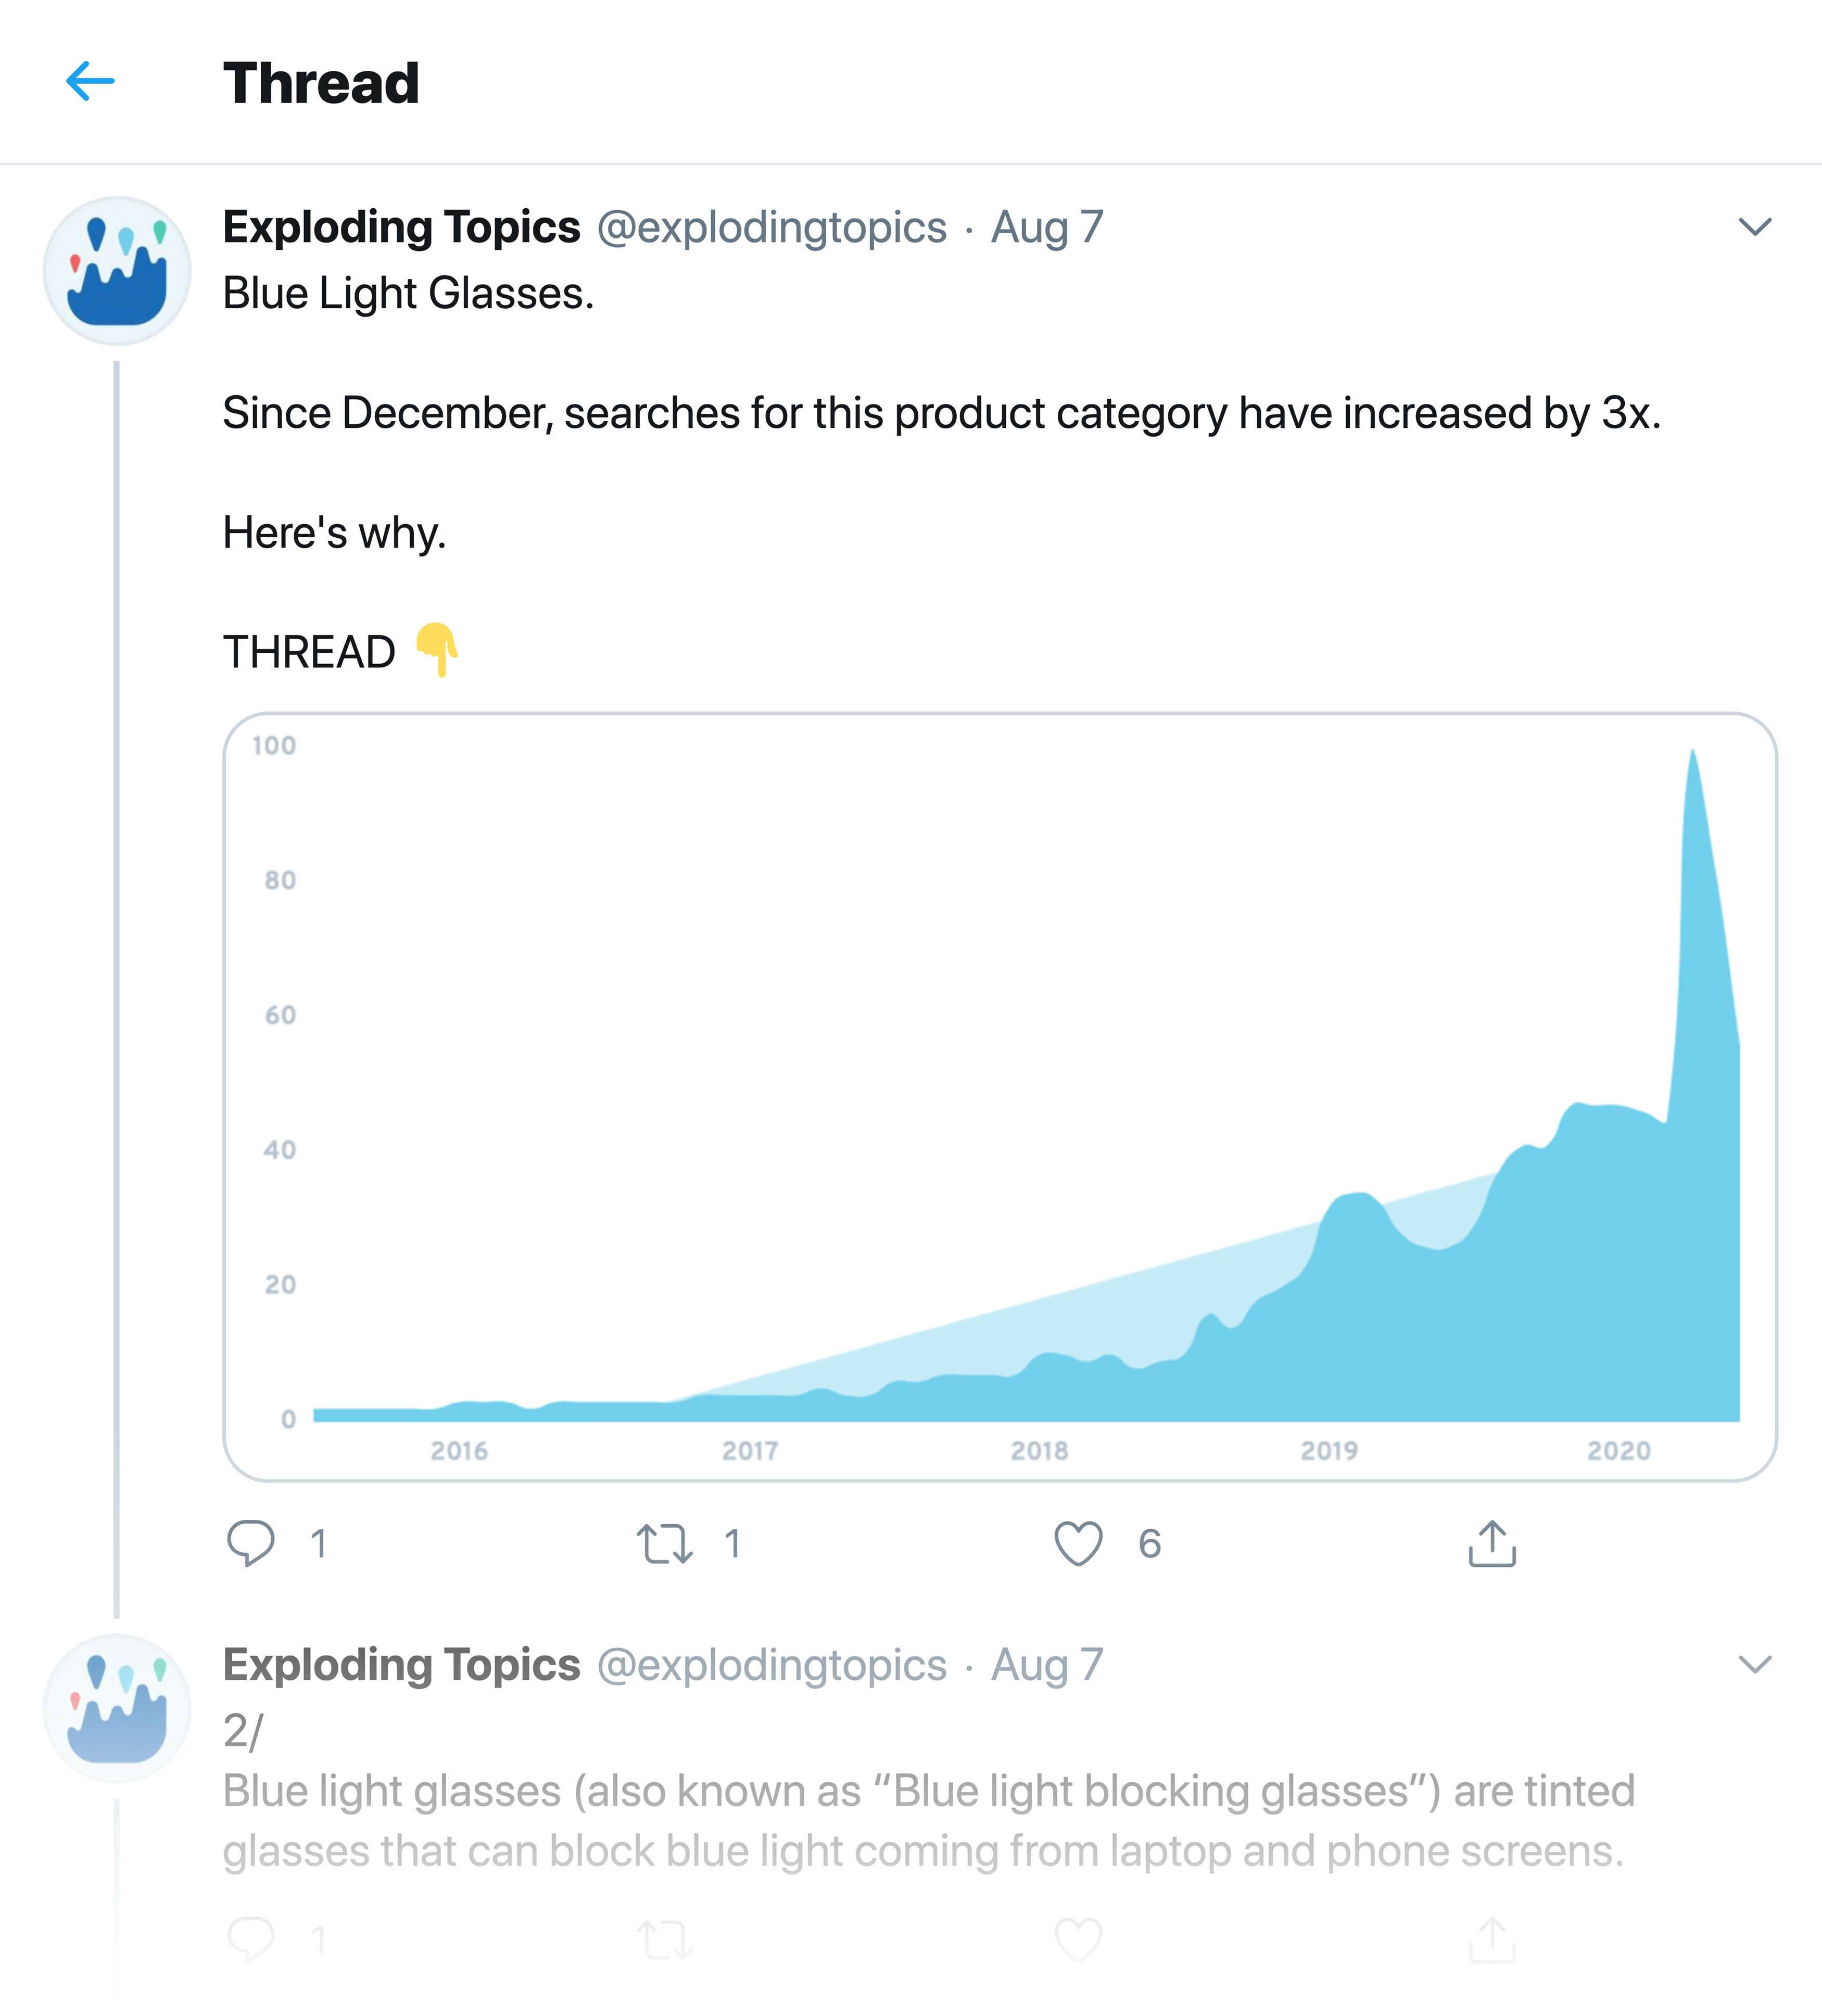 Exploding Topics – Blue Light Glasses Twitter Thread